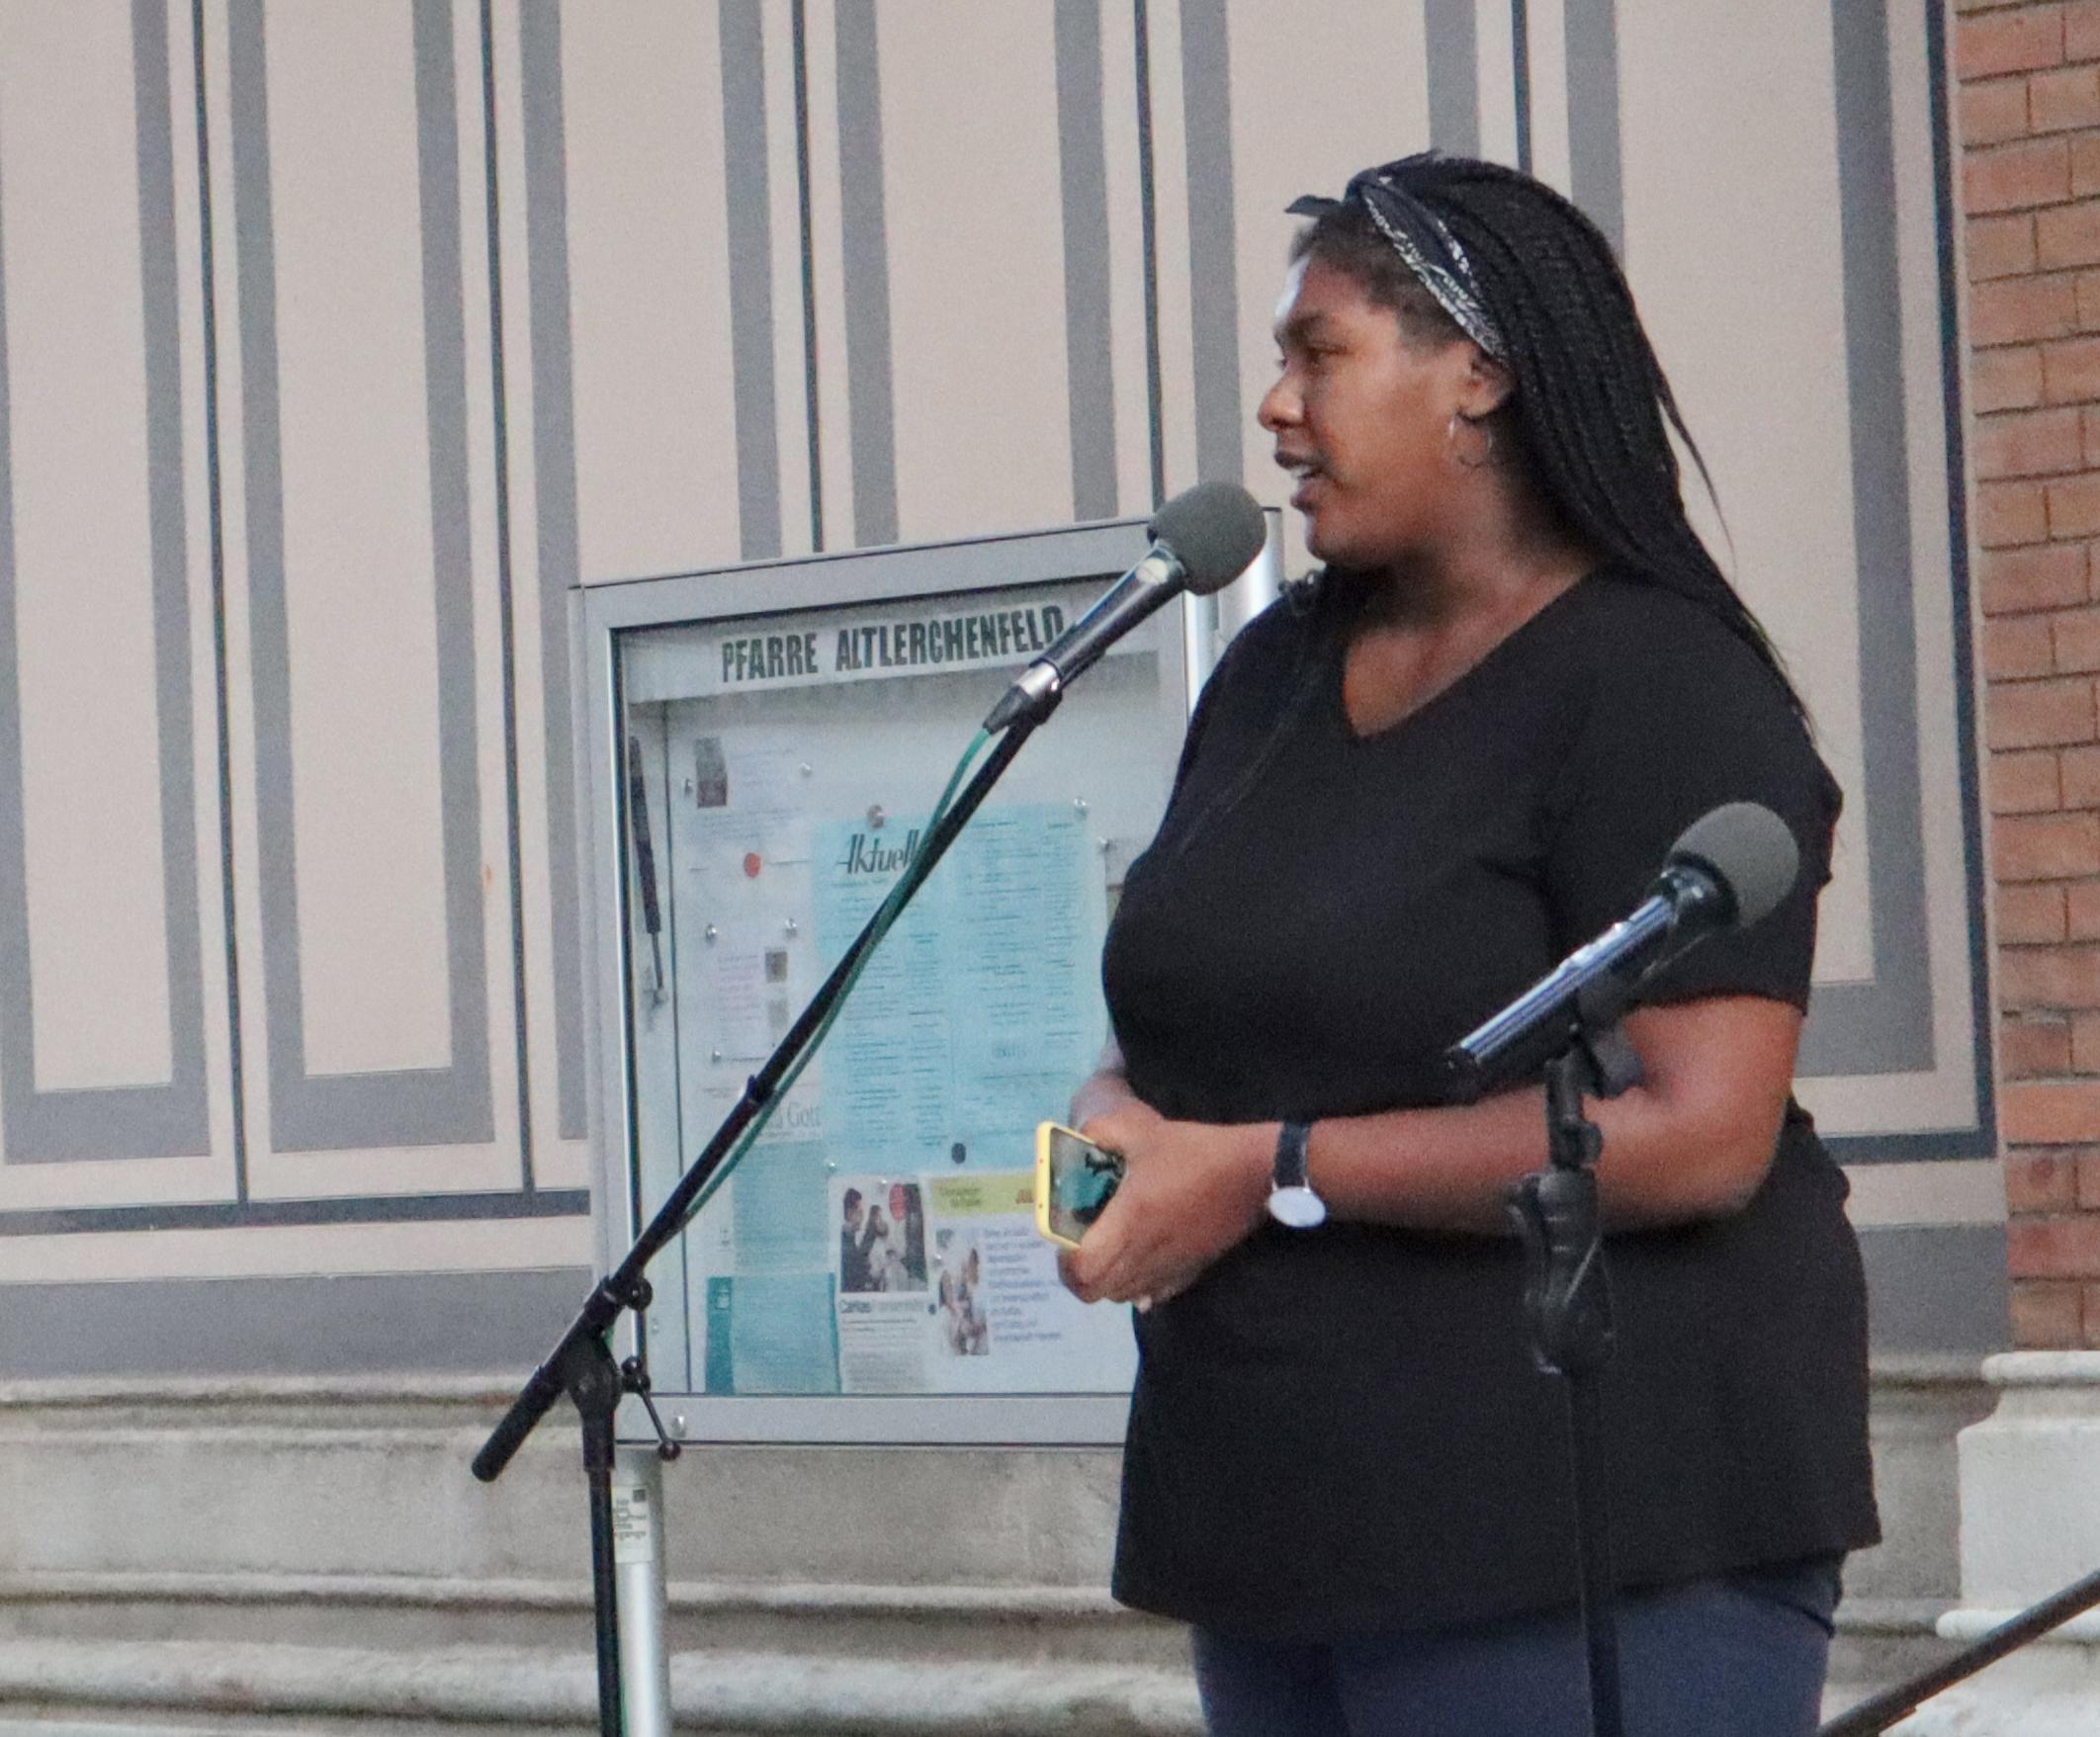 Noomi Anyanwu, Sprecherin des Antirassismus-Volksbegehrens Black Voices